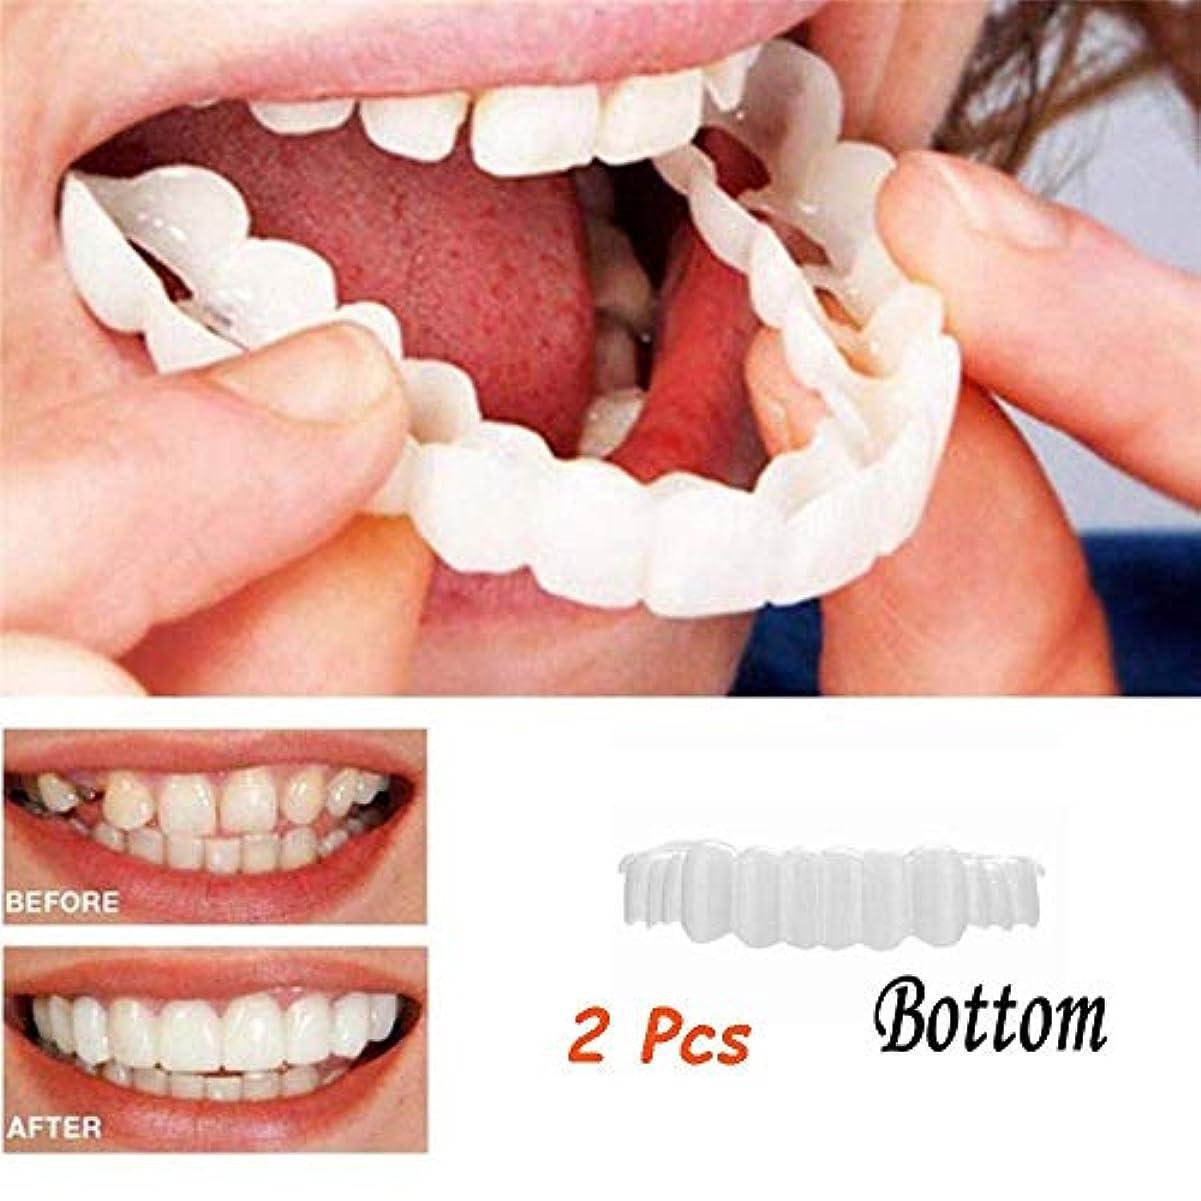 同意天井彼らは2ピースコンフォートフィットフレックス化粧品歯義歯歯底化粧品突き板ホワイトニングスナップオン笑顔歯快適な偽のベニヤカバー